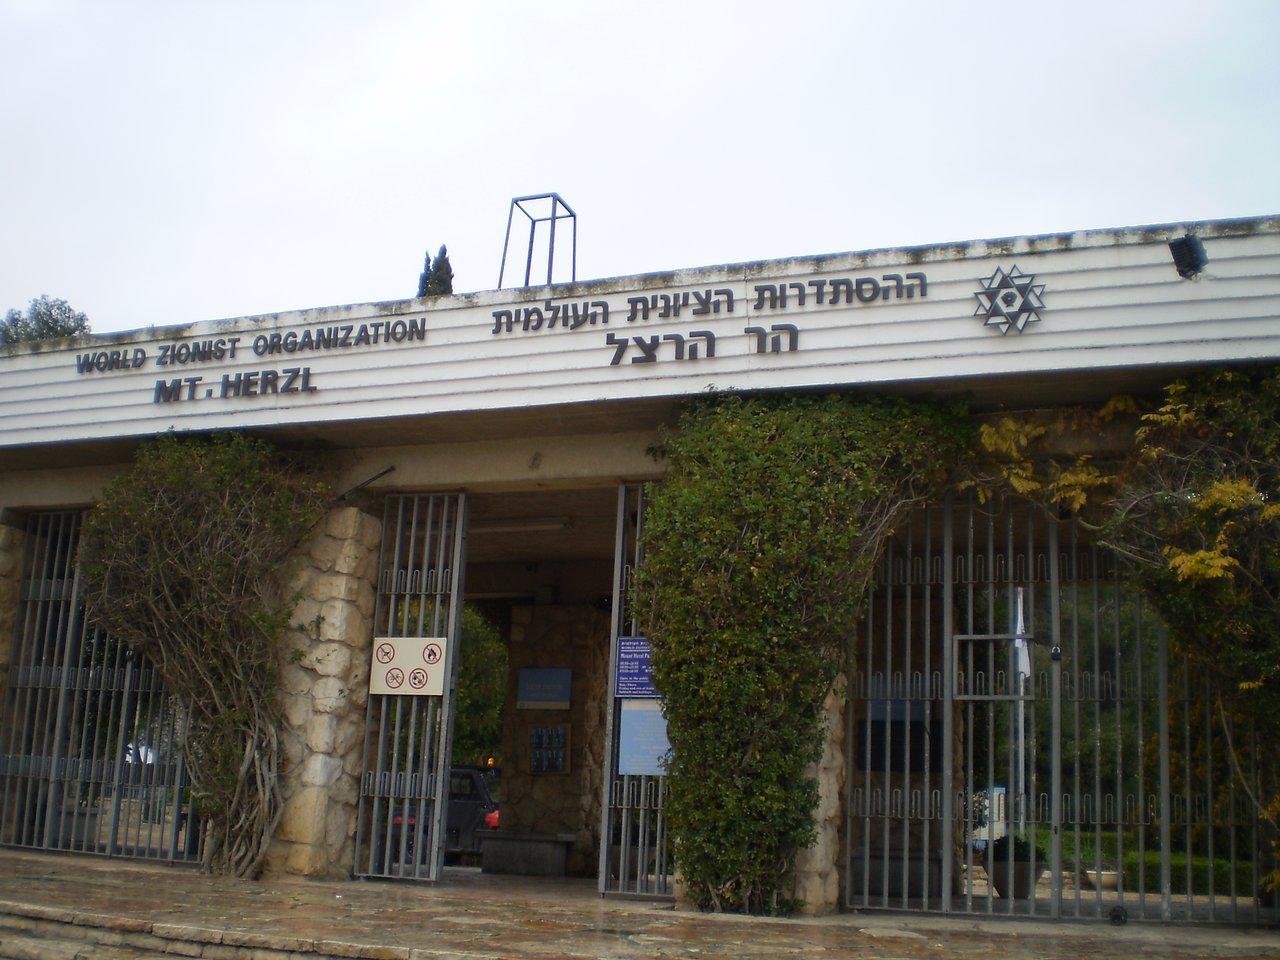 חוות דעת על הר הרצל - ירושלים, ישראל - Tripadvisor